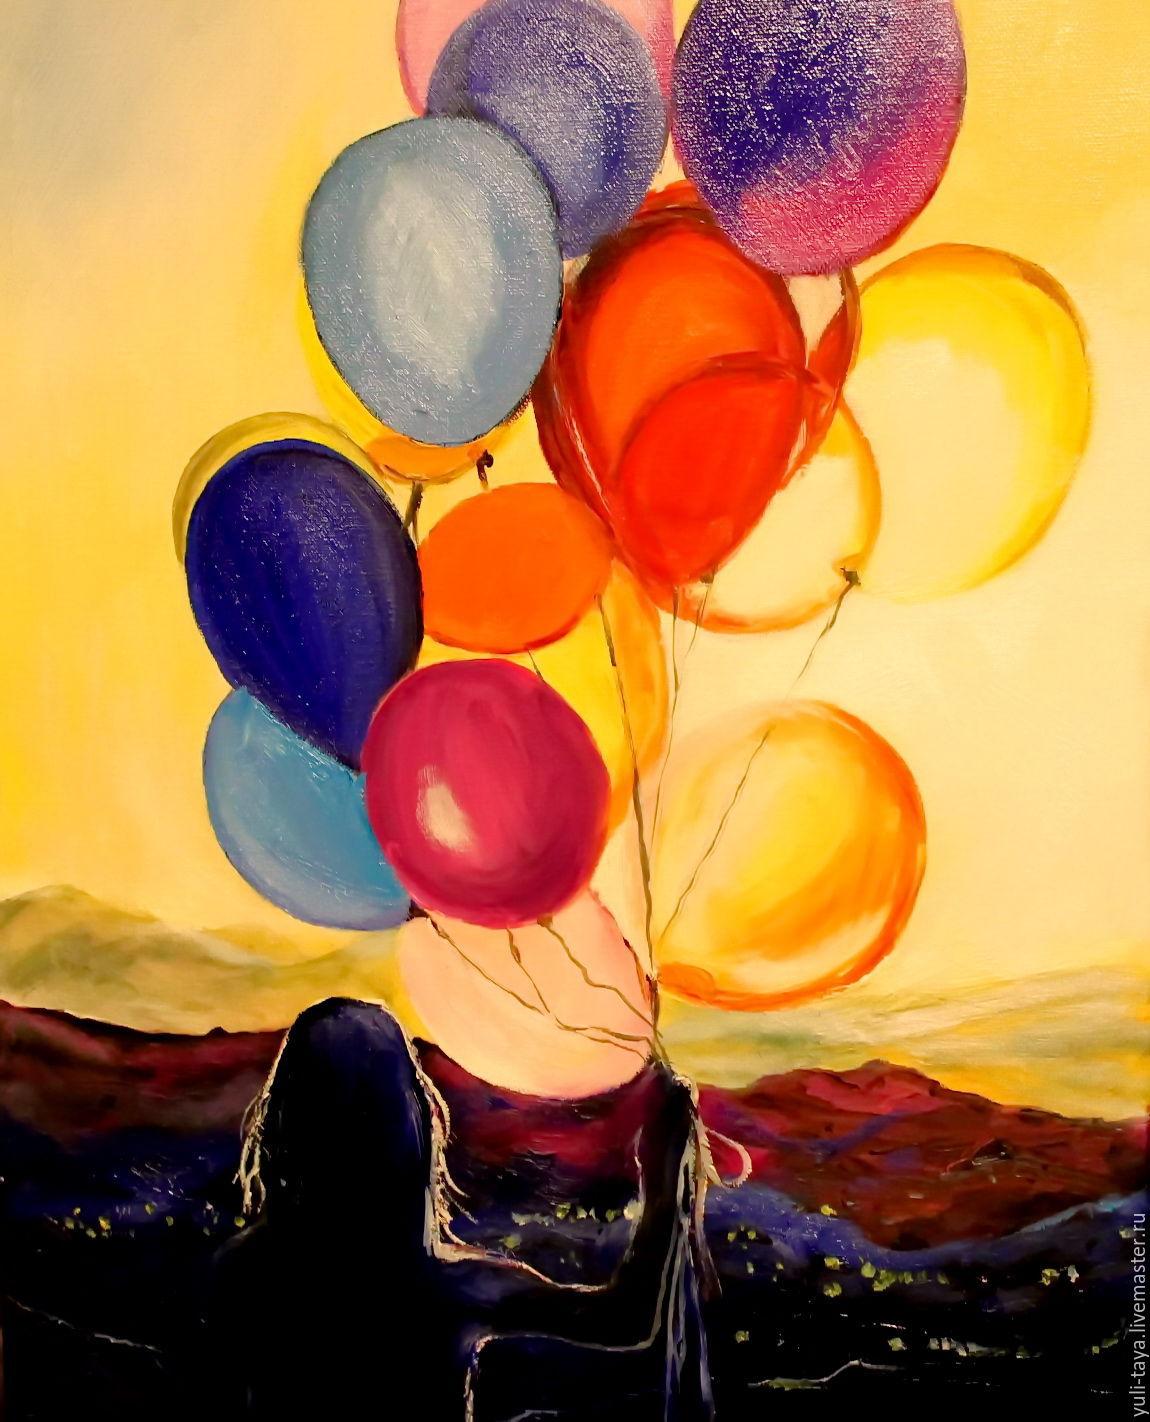 Про телефон, картинки с шариками воздушными и цветами рисованные